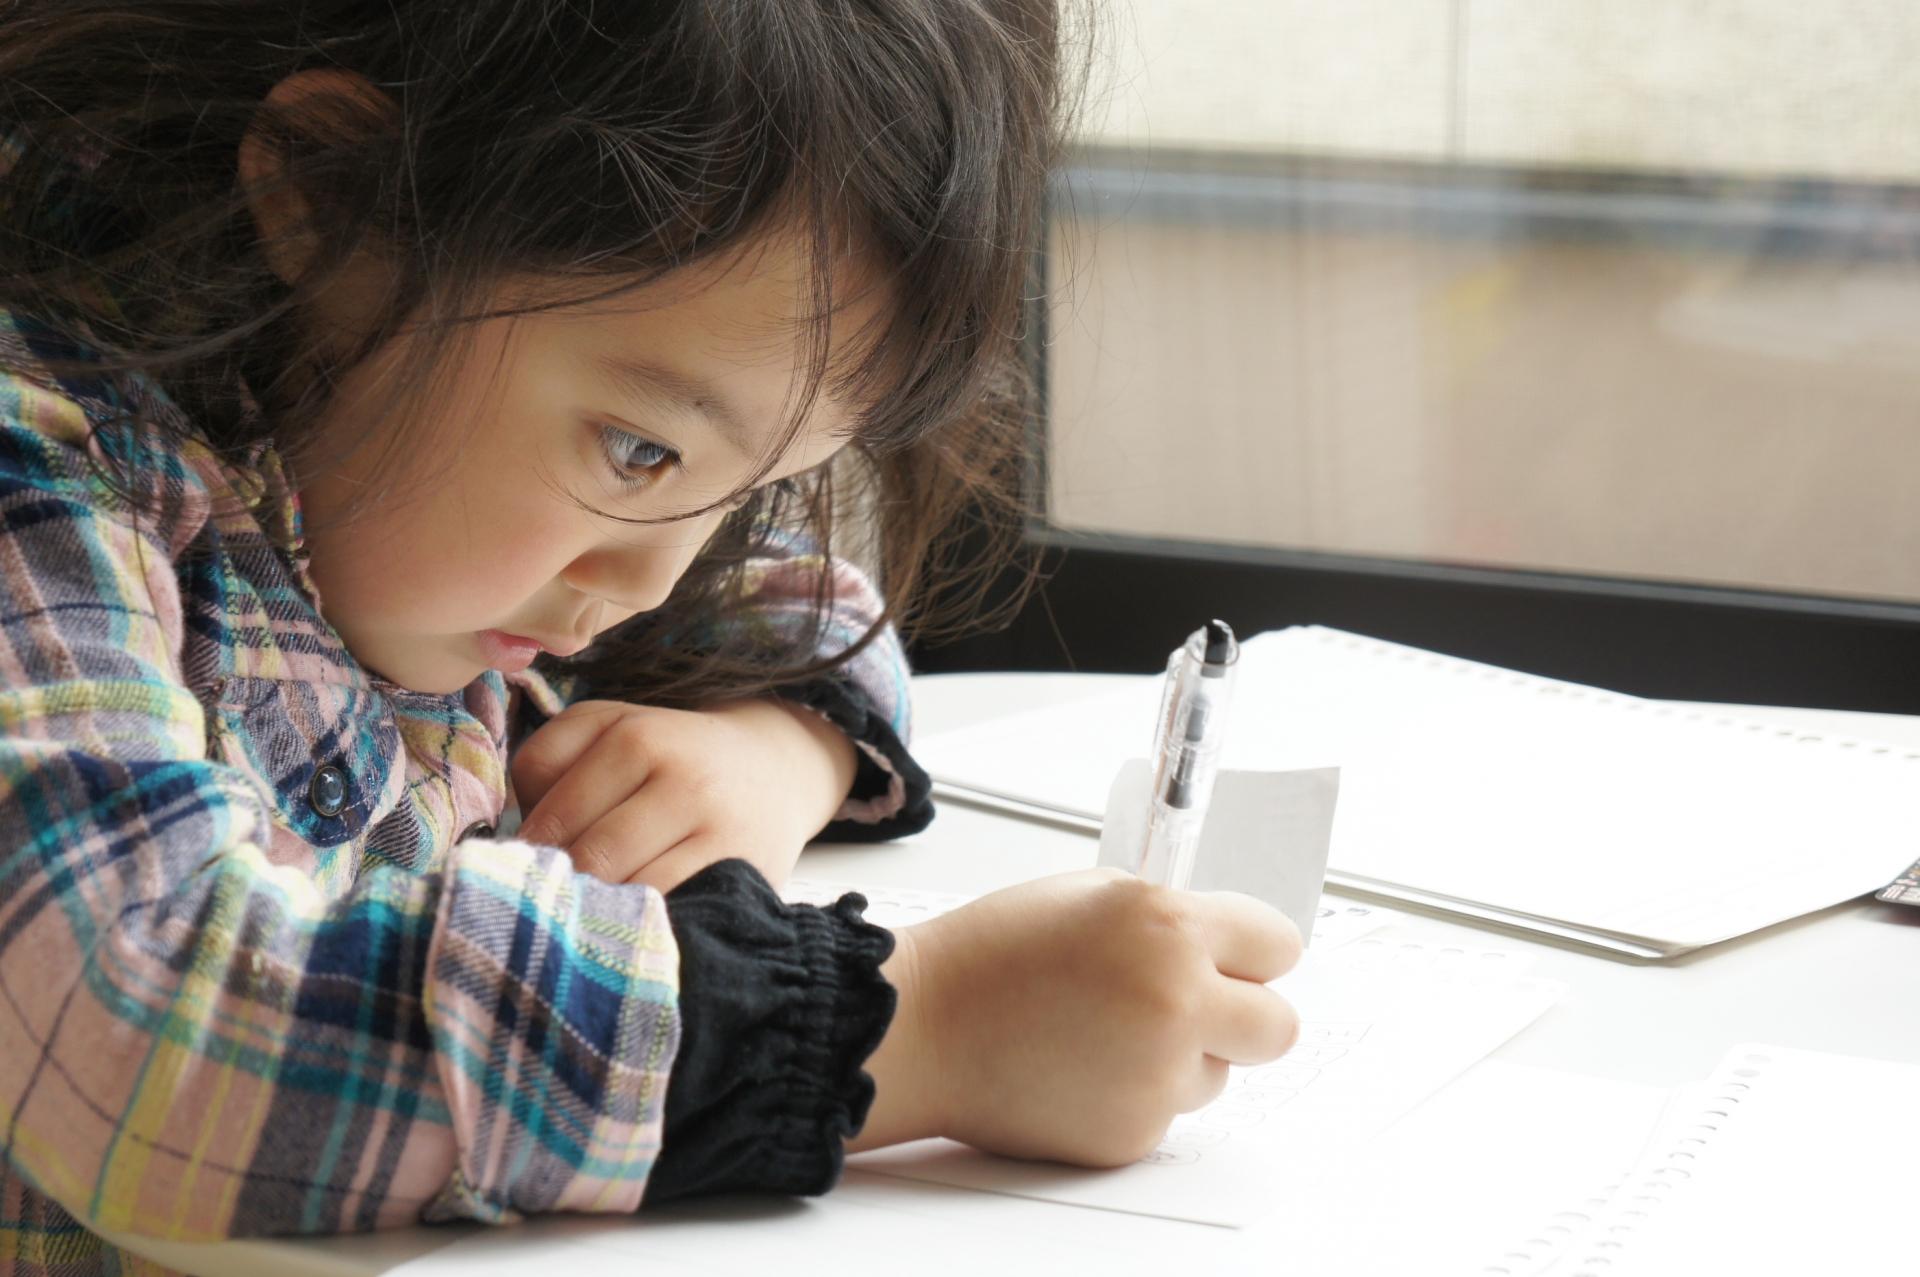 子どもに勉強させるために「ご褒美で釣っても良い」5つの理由